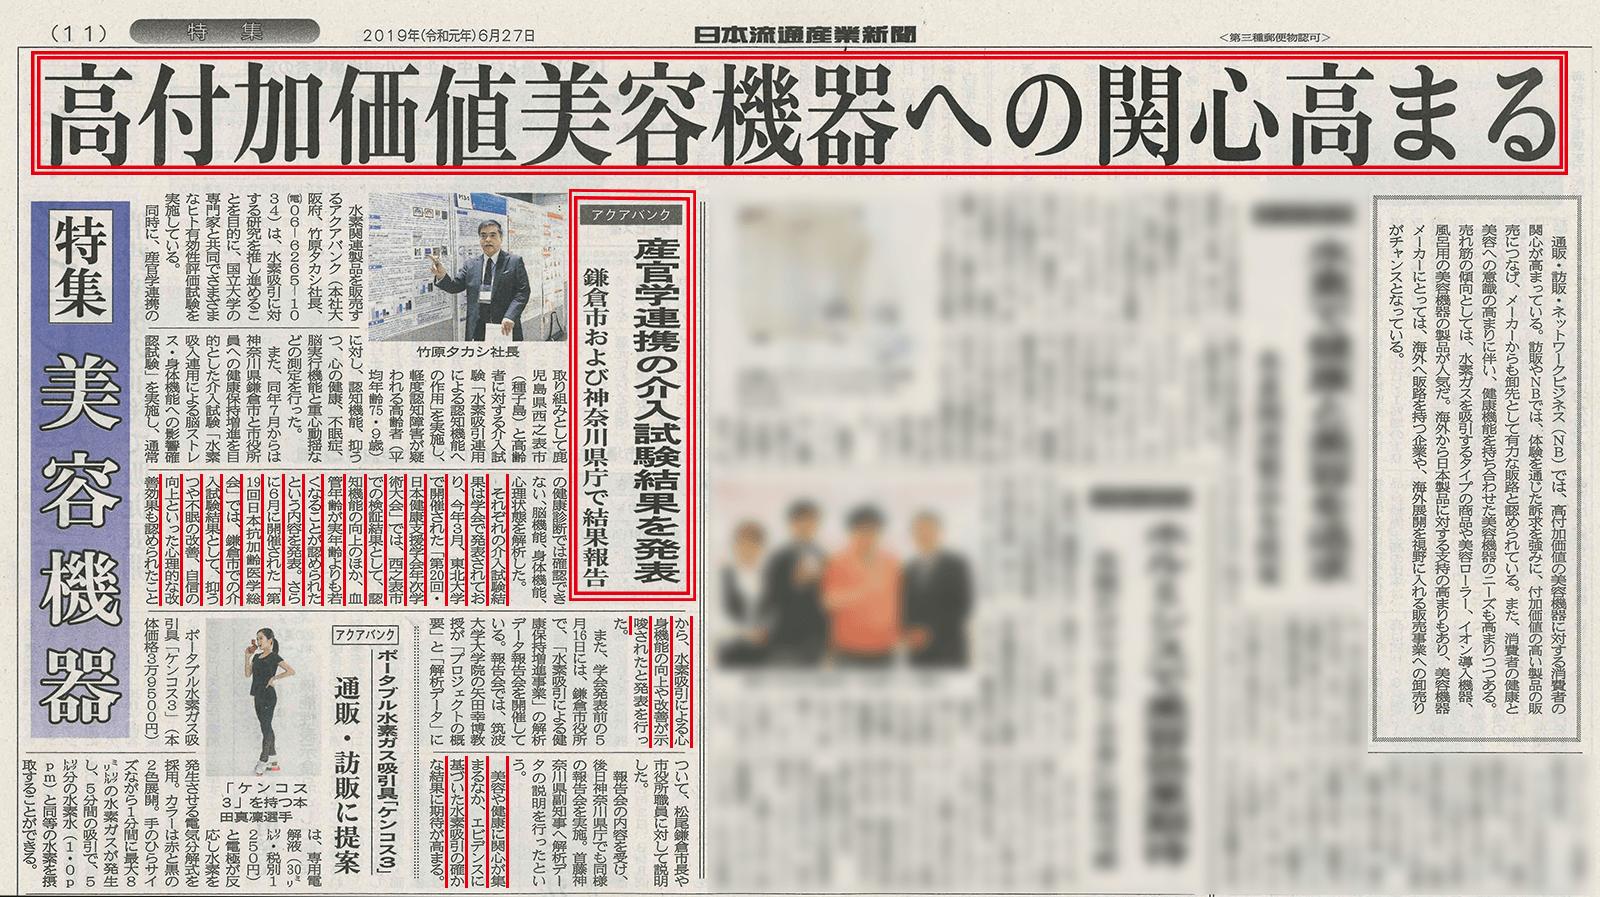 【2019年6月27日(木)『日本流通産業新聞』より抜粋】